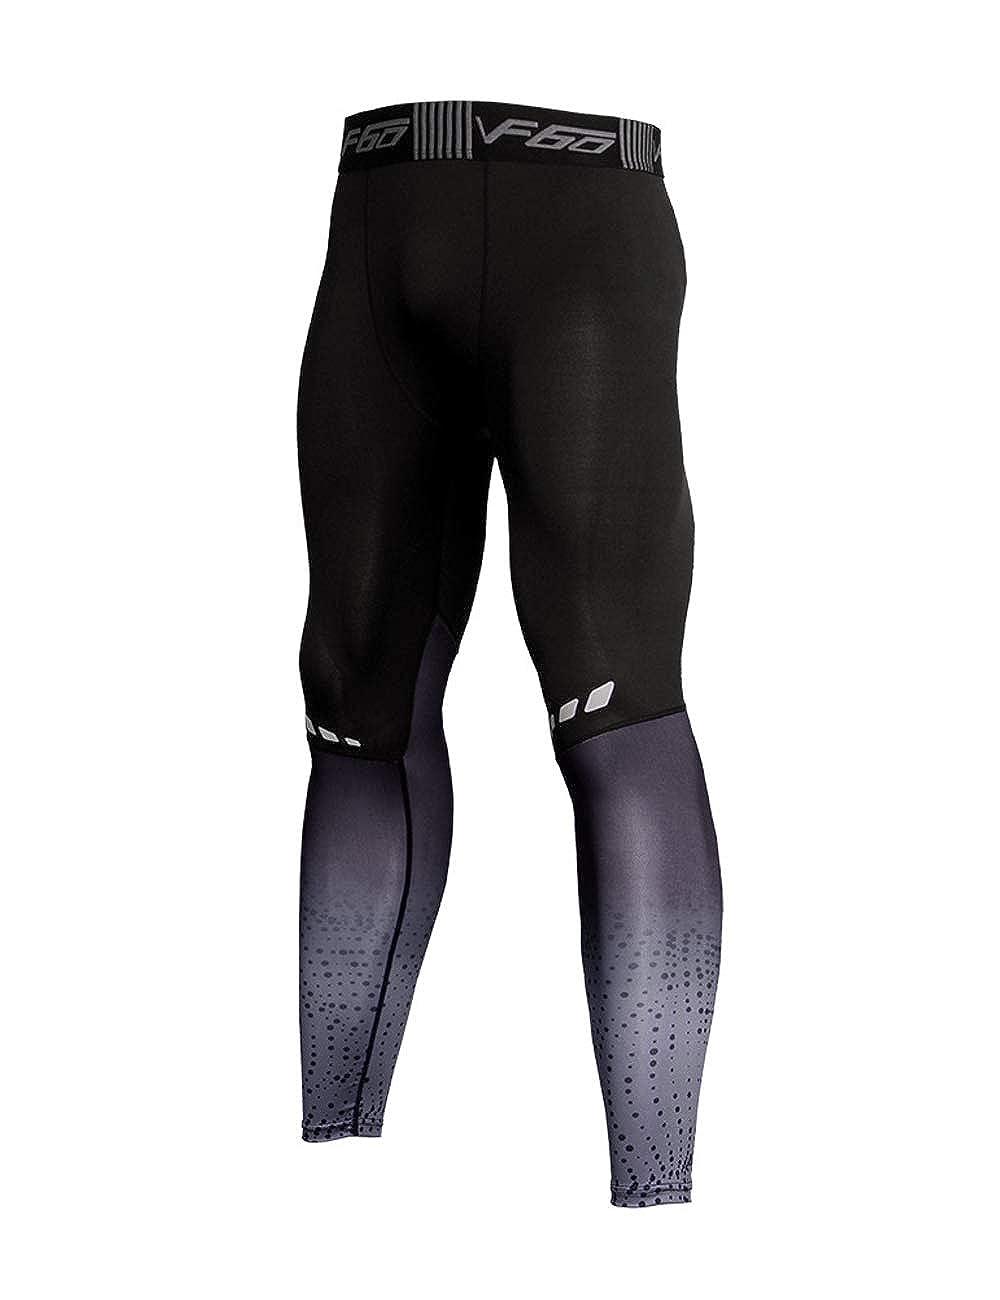 Musclealive Uomo Palestra Bodybuilding Compressione Gambale Collant Allenarsi Fitness Pantaloni Livello Base Freddo Secco